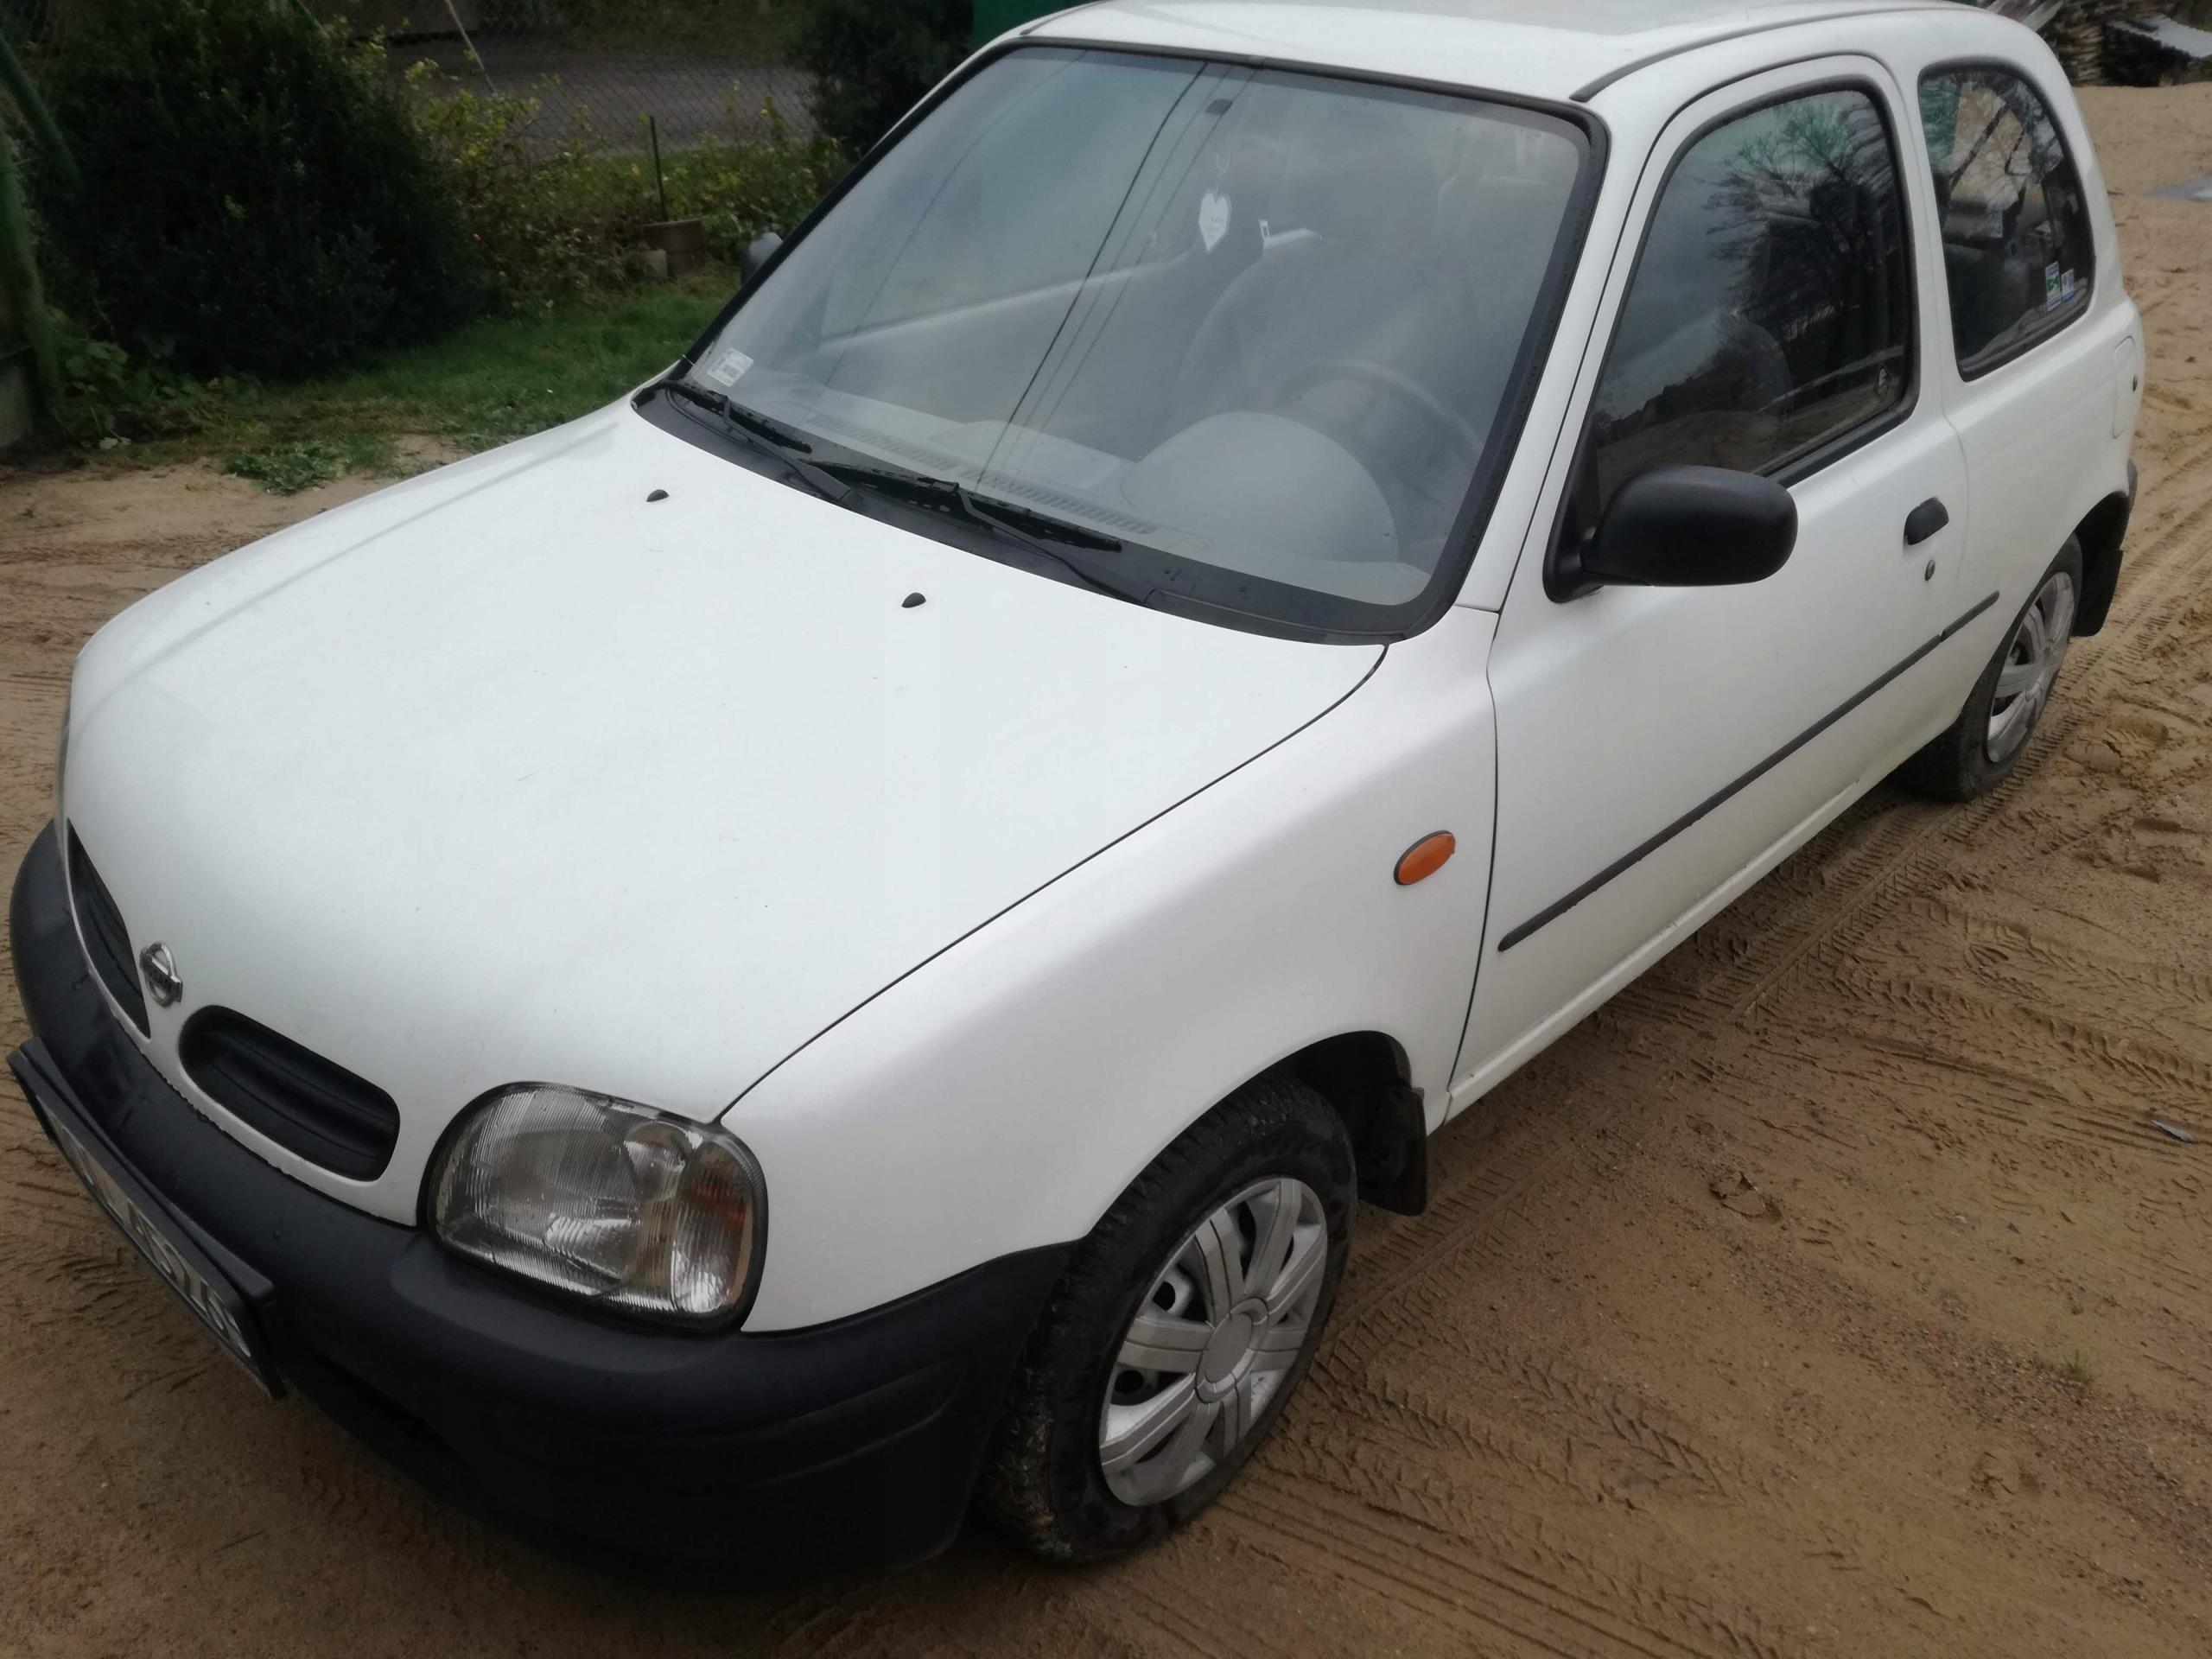 Nissan Micra K11 1 0i 3dr Benzyna 1999r Opinie I Ceny Na Ceneo Pl